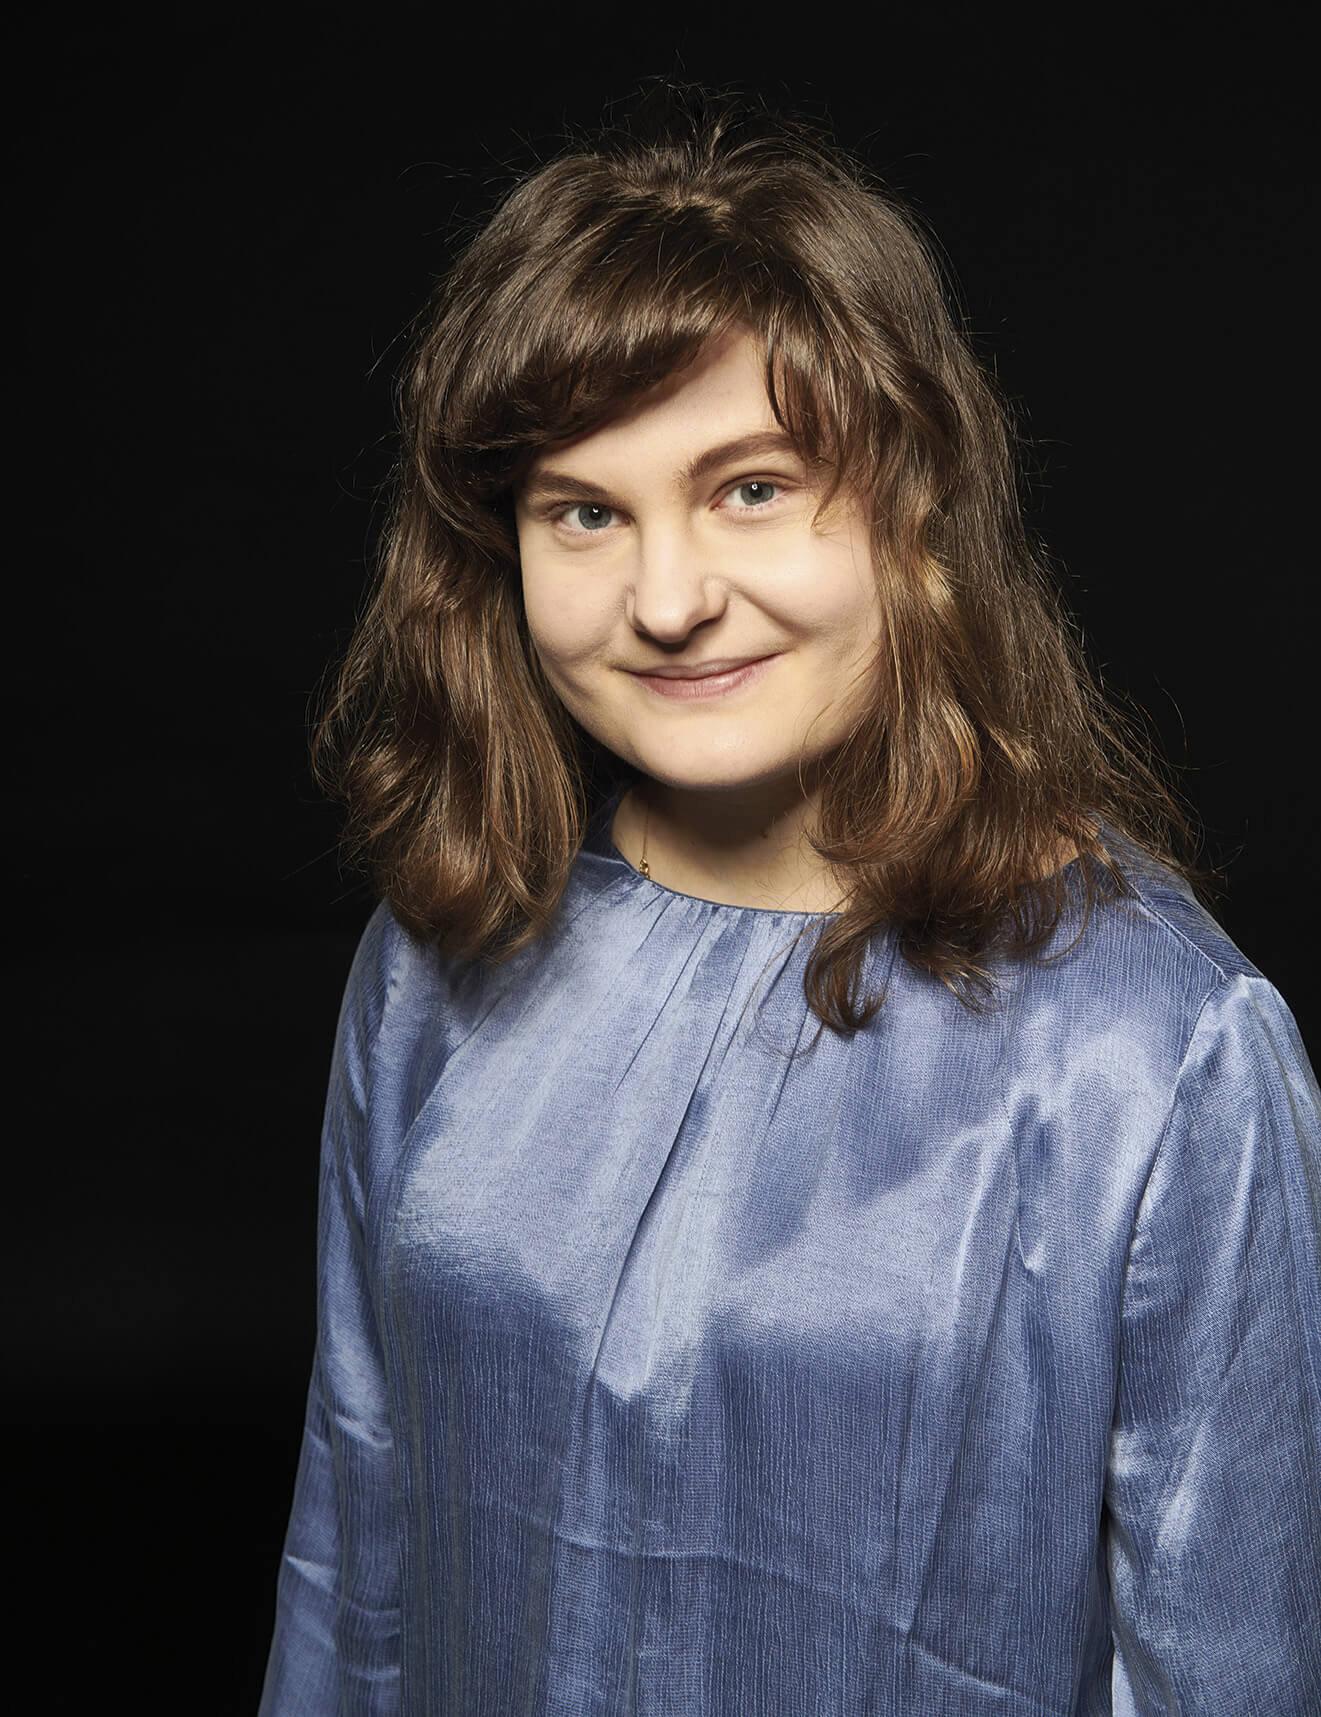 Valentína Sedileková